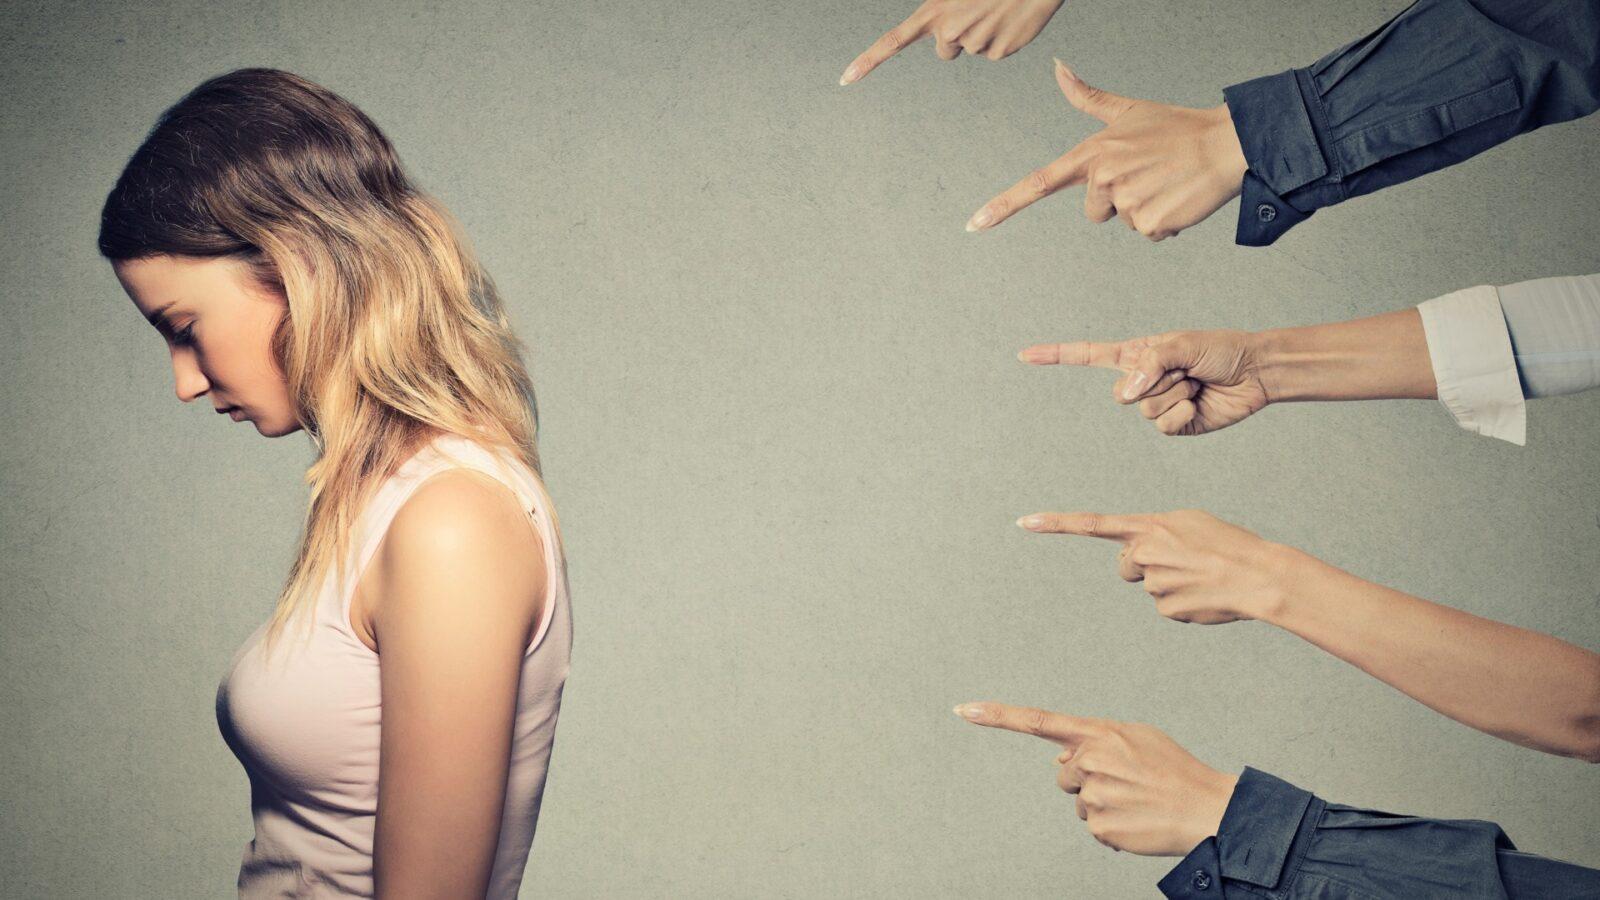 «Прекратите обращать внимание на мудаков» — правила защиты от чужой негативной энергии